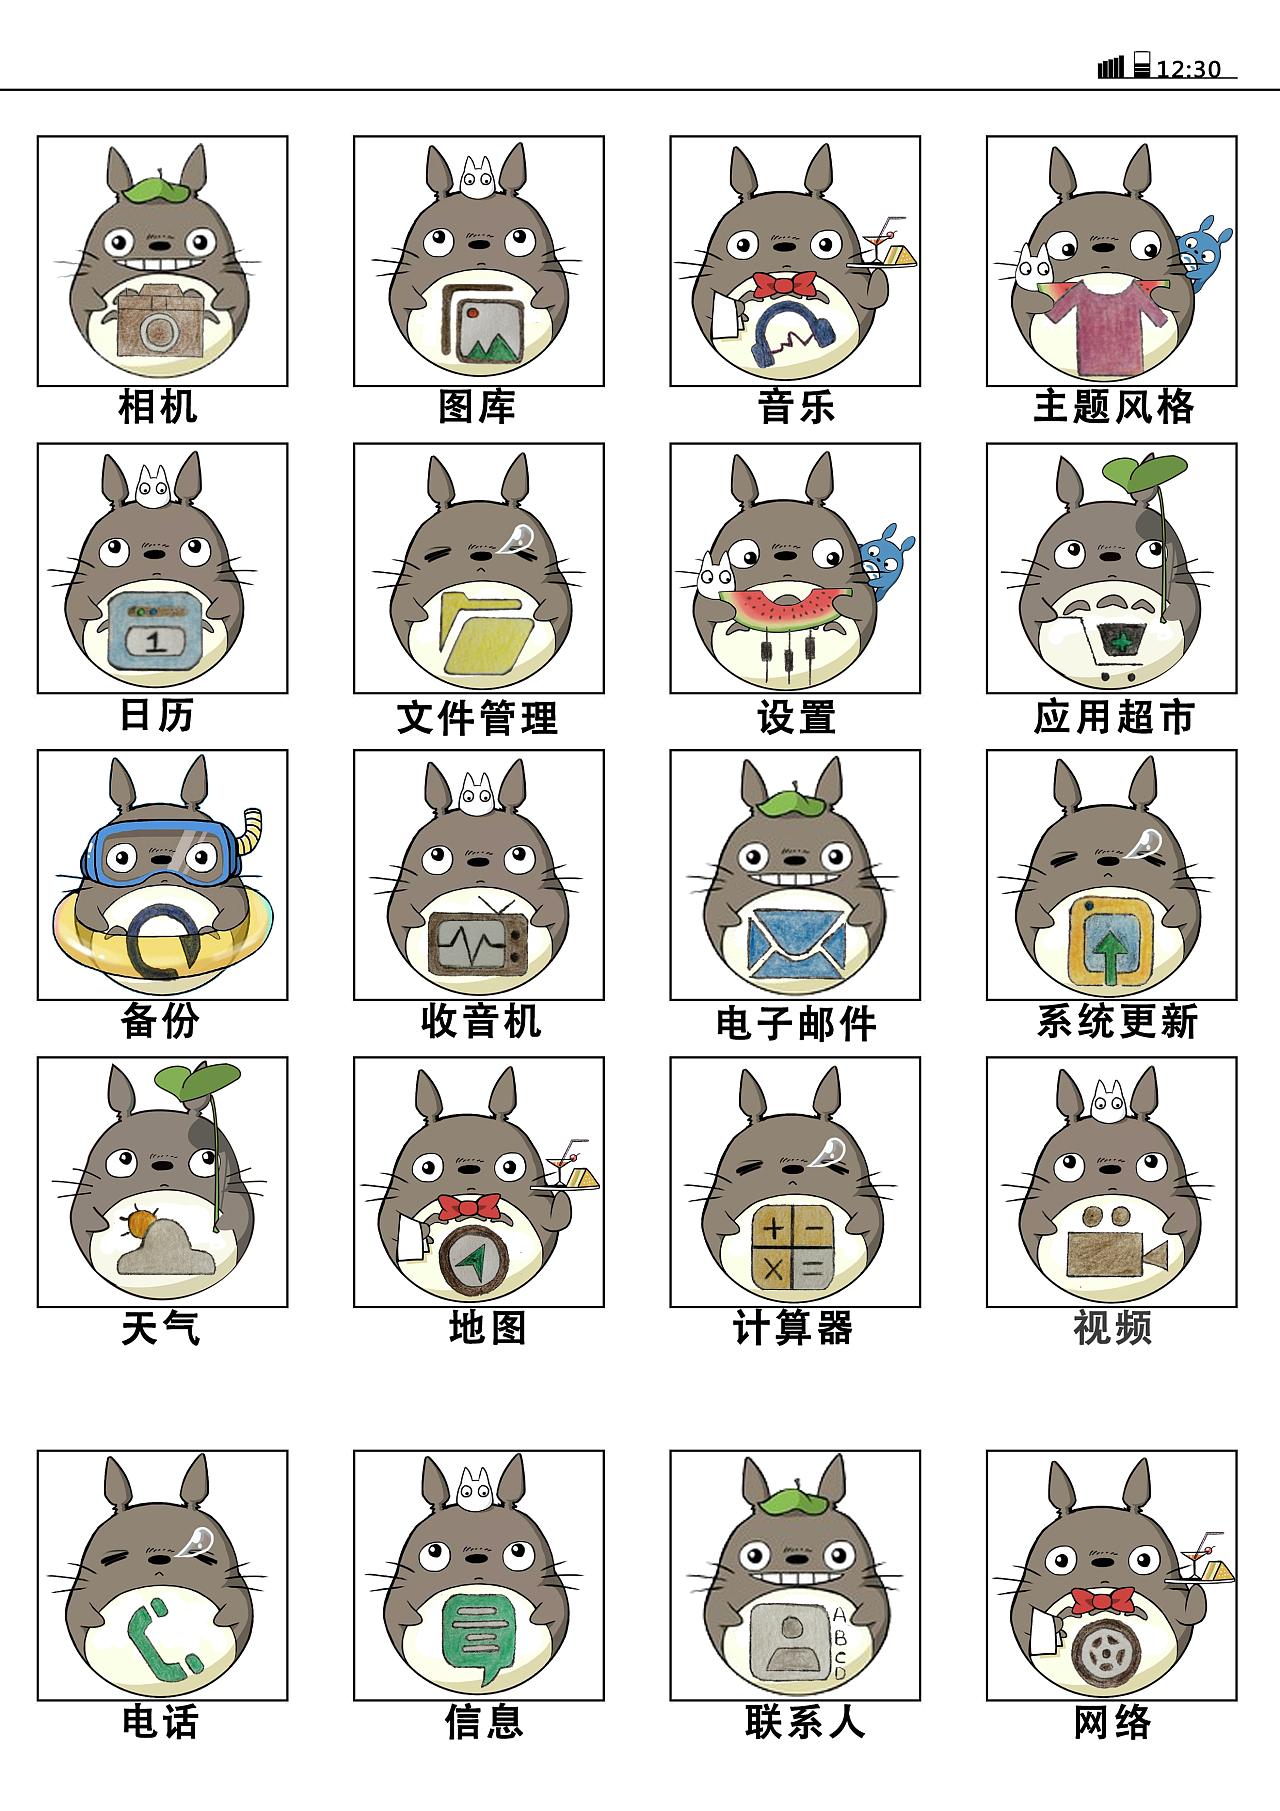 龙猫手机主题图标